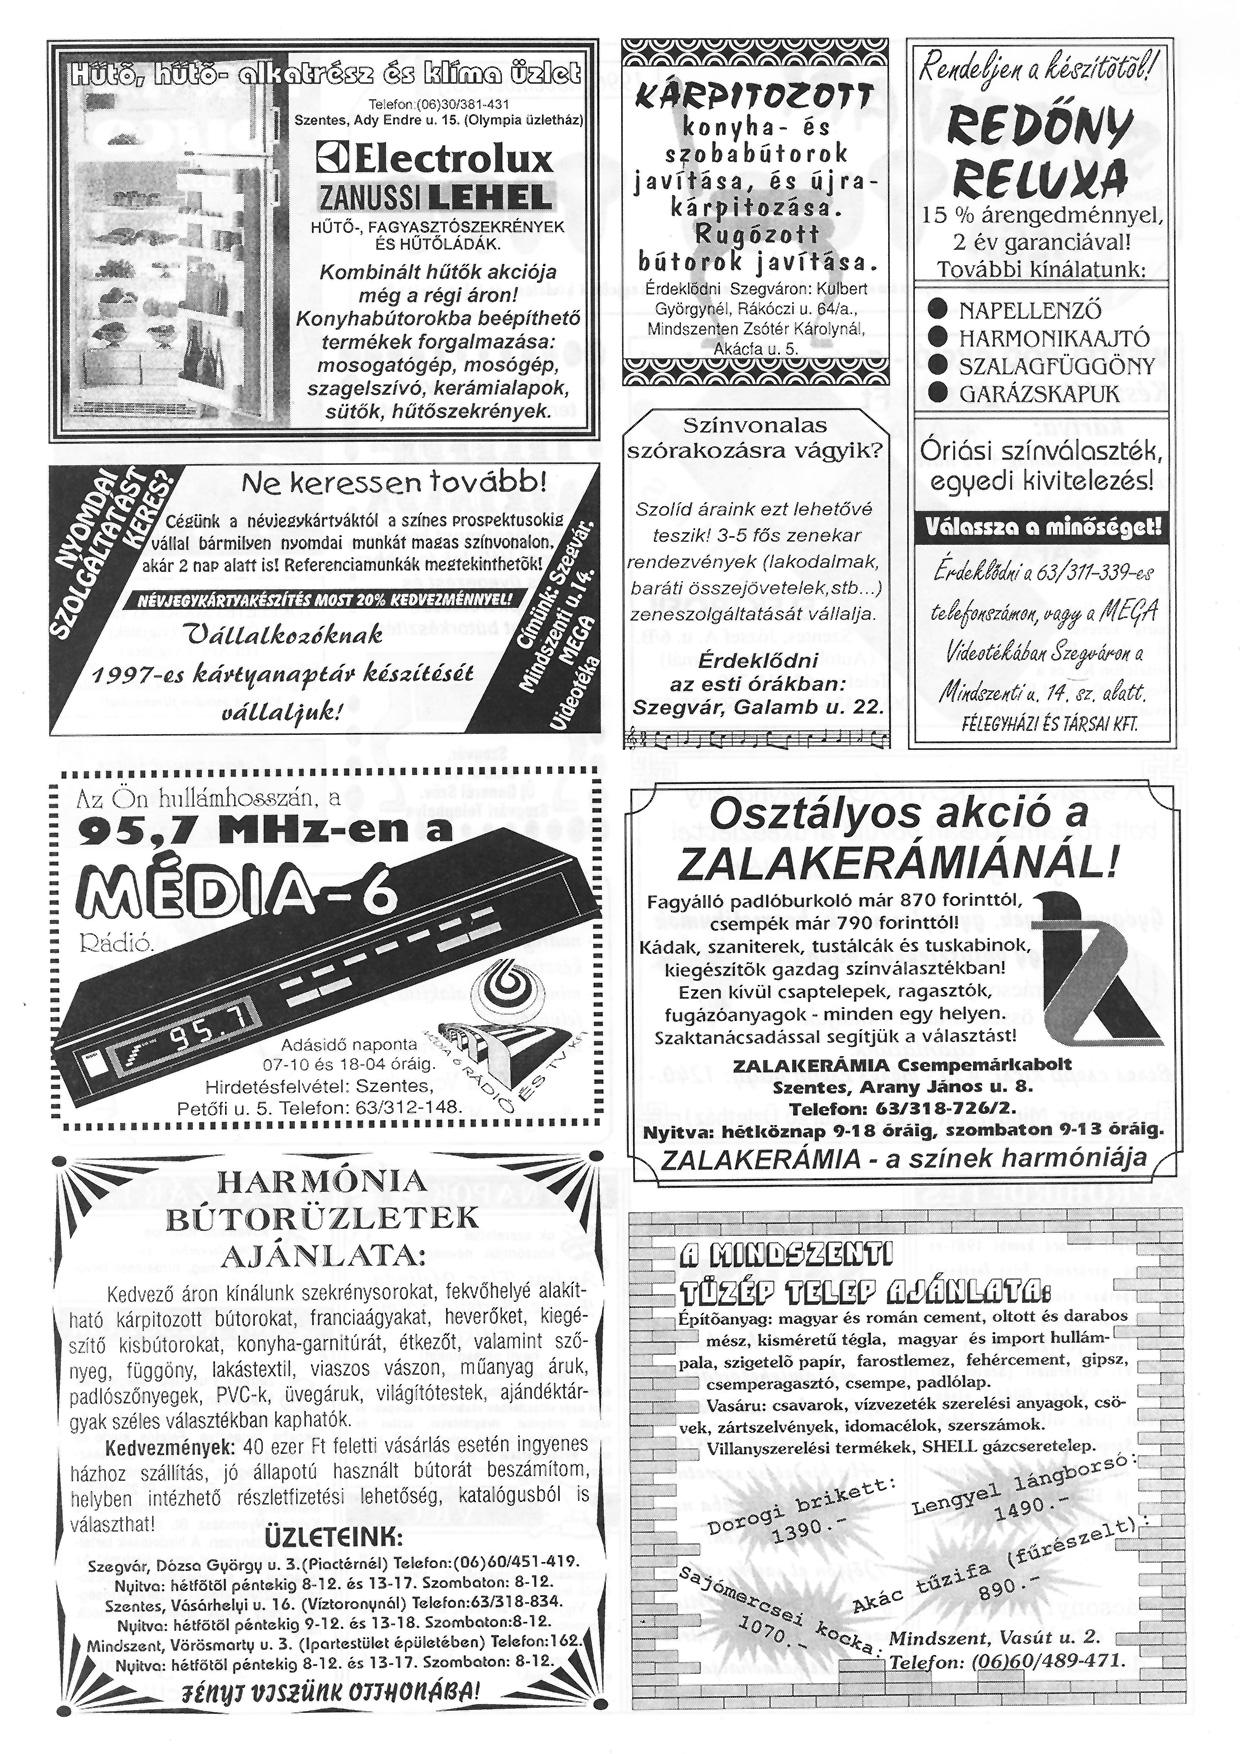 074 Szegvári Tuti Tipp reklámújság - 19961130-035. lapszám - 2.oldal - II. évfolyam.jpg